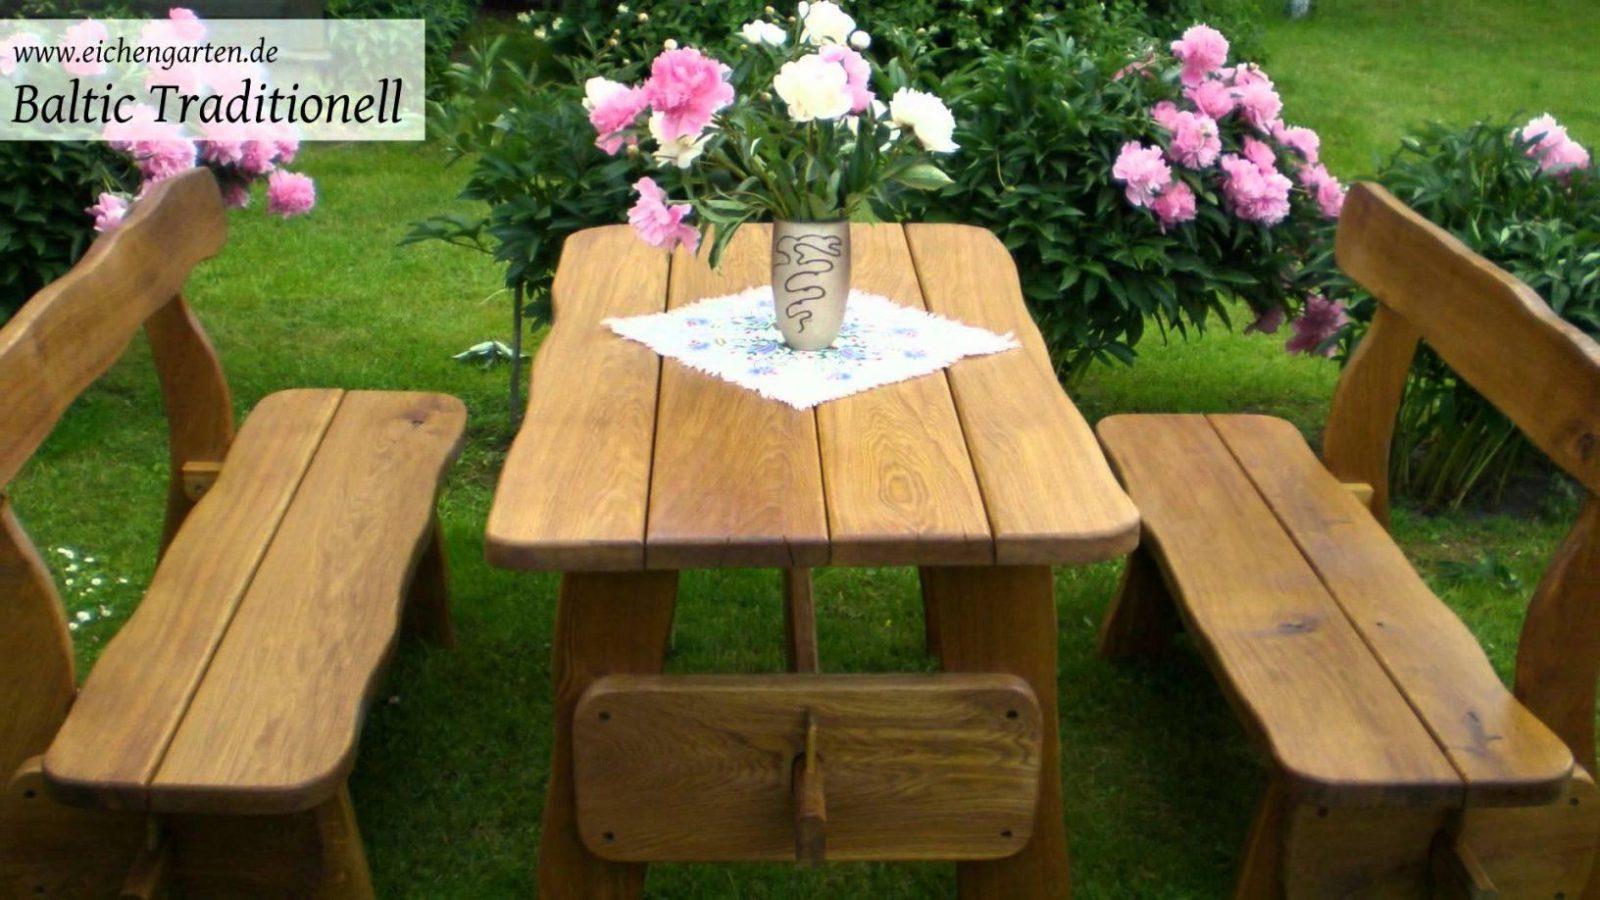 Gartenmöbel Aus Holz Massiv  Youtube von Holz Gartenmöbel Selber Bauen Bild